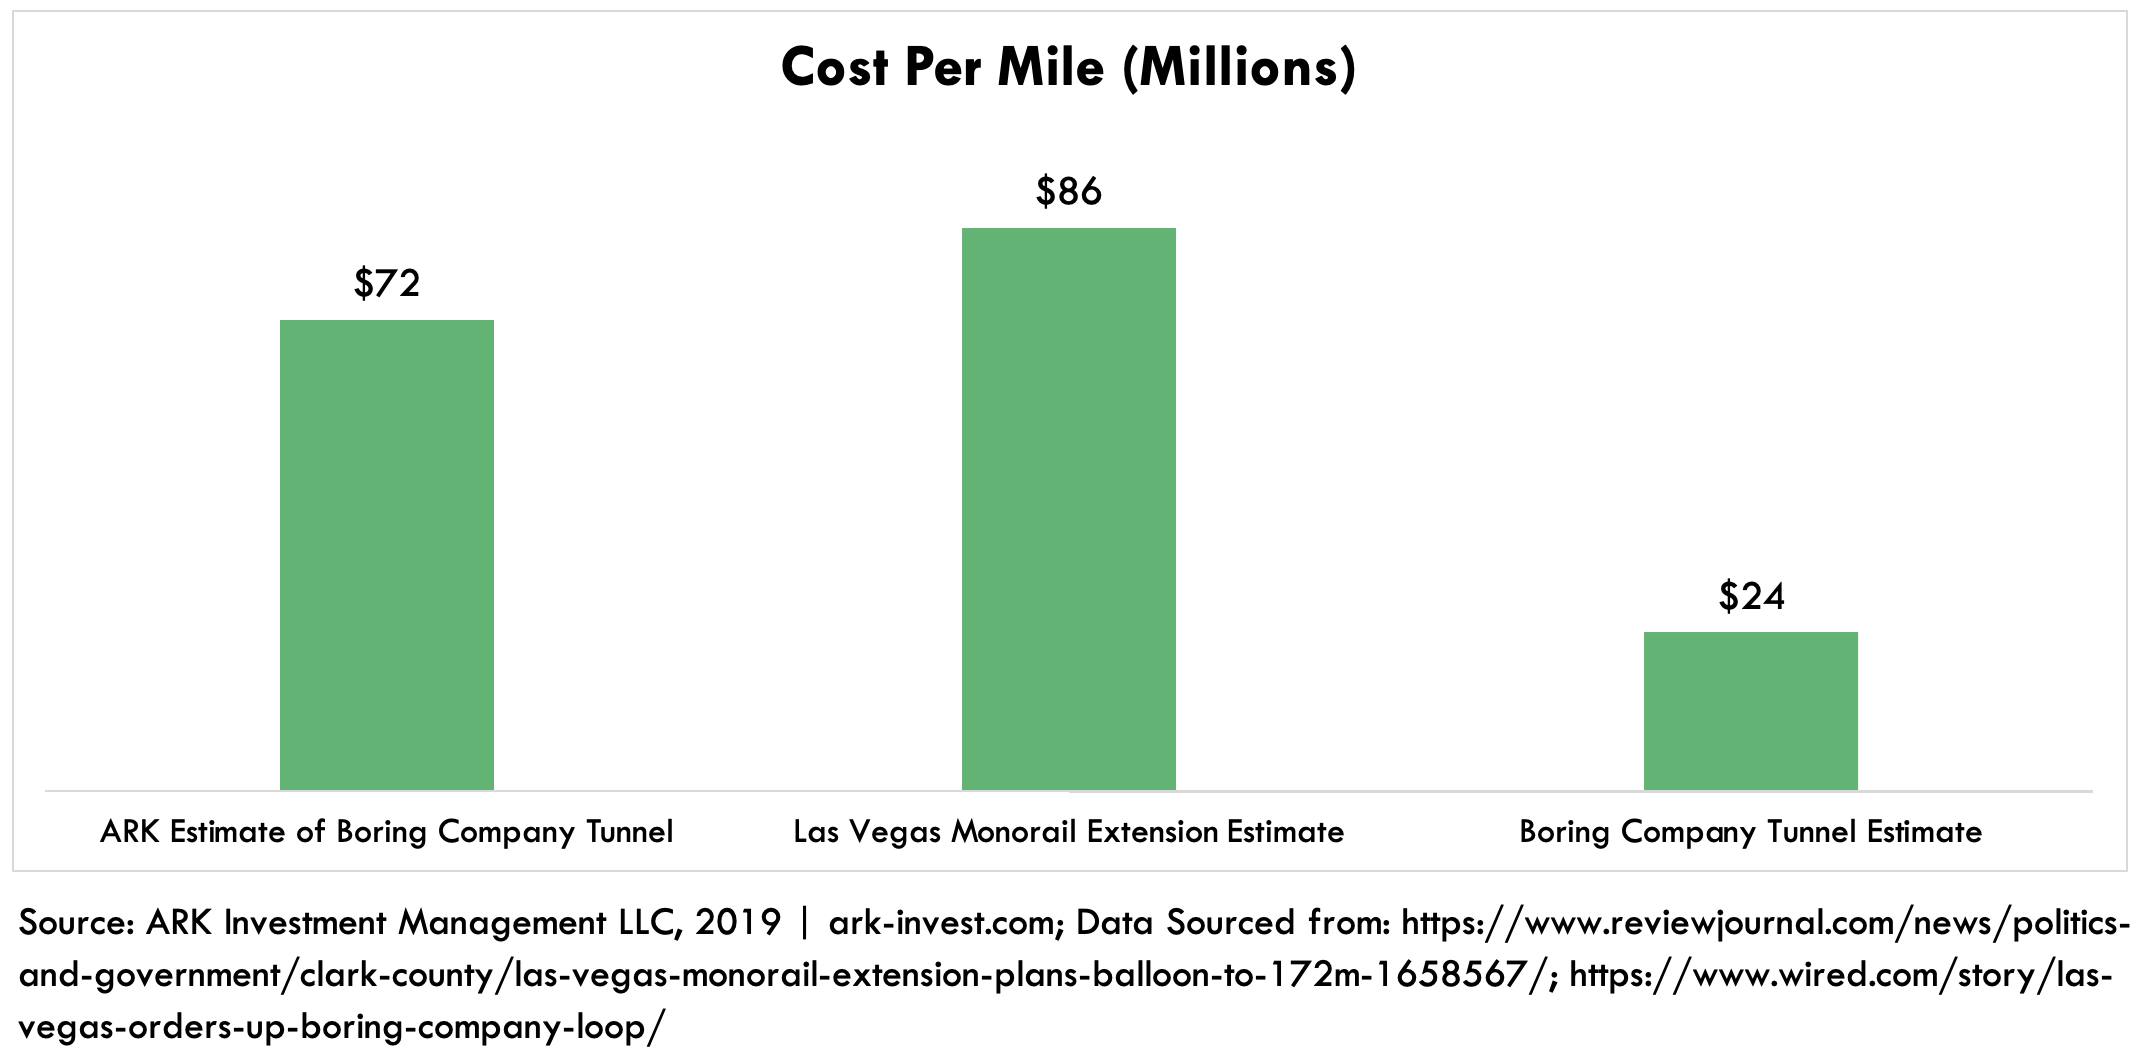 ARK Boring Company Tunnel Cost Estimate